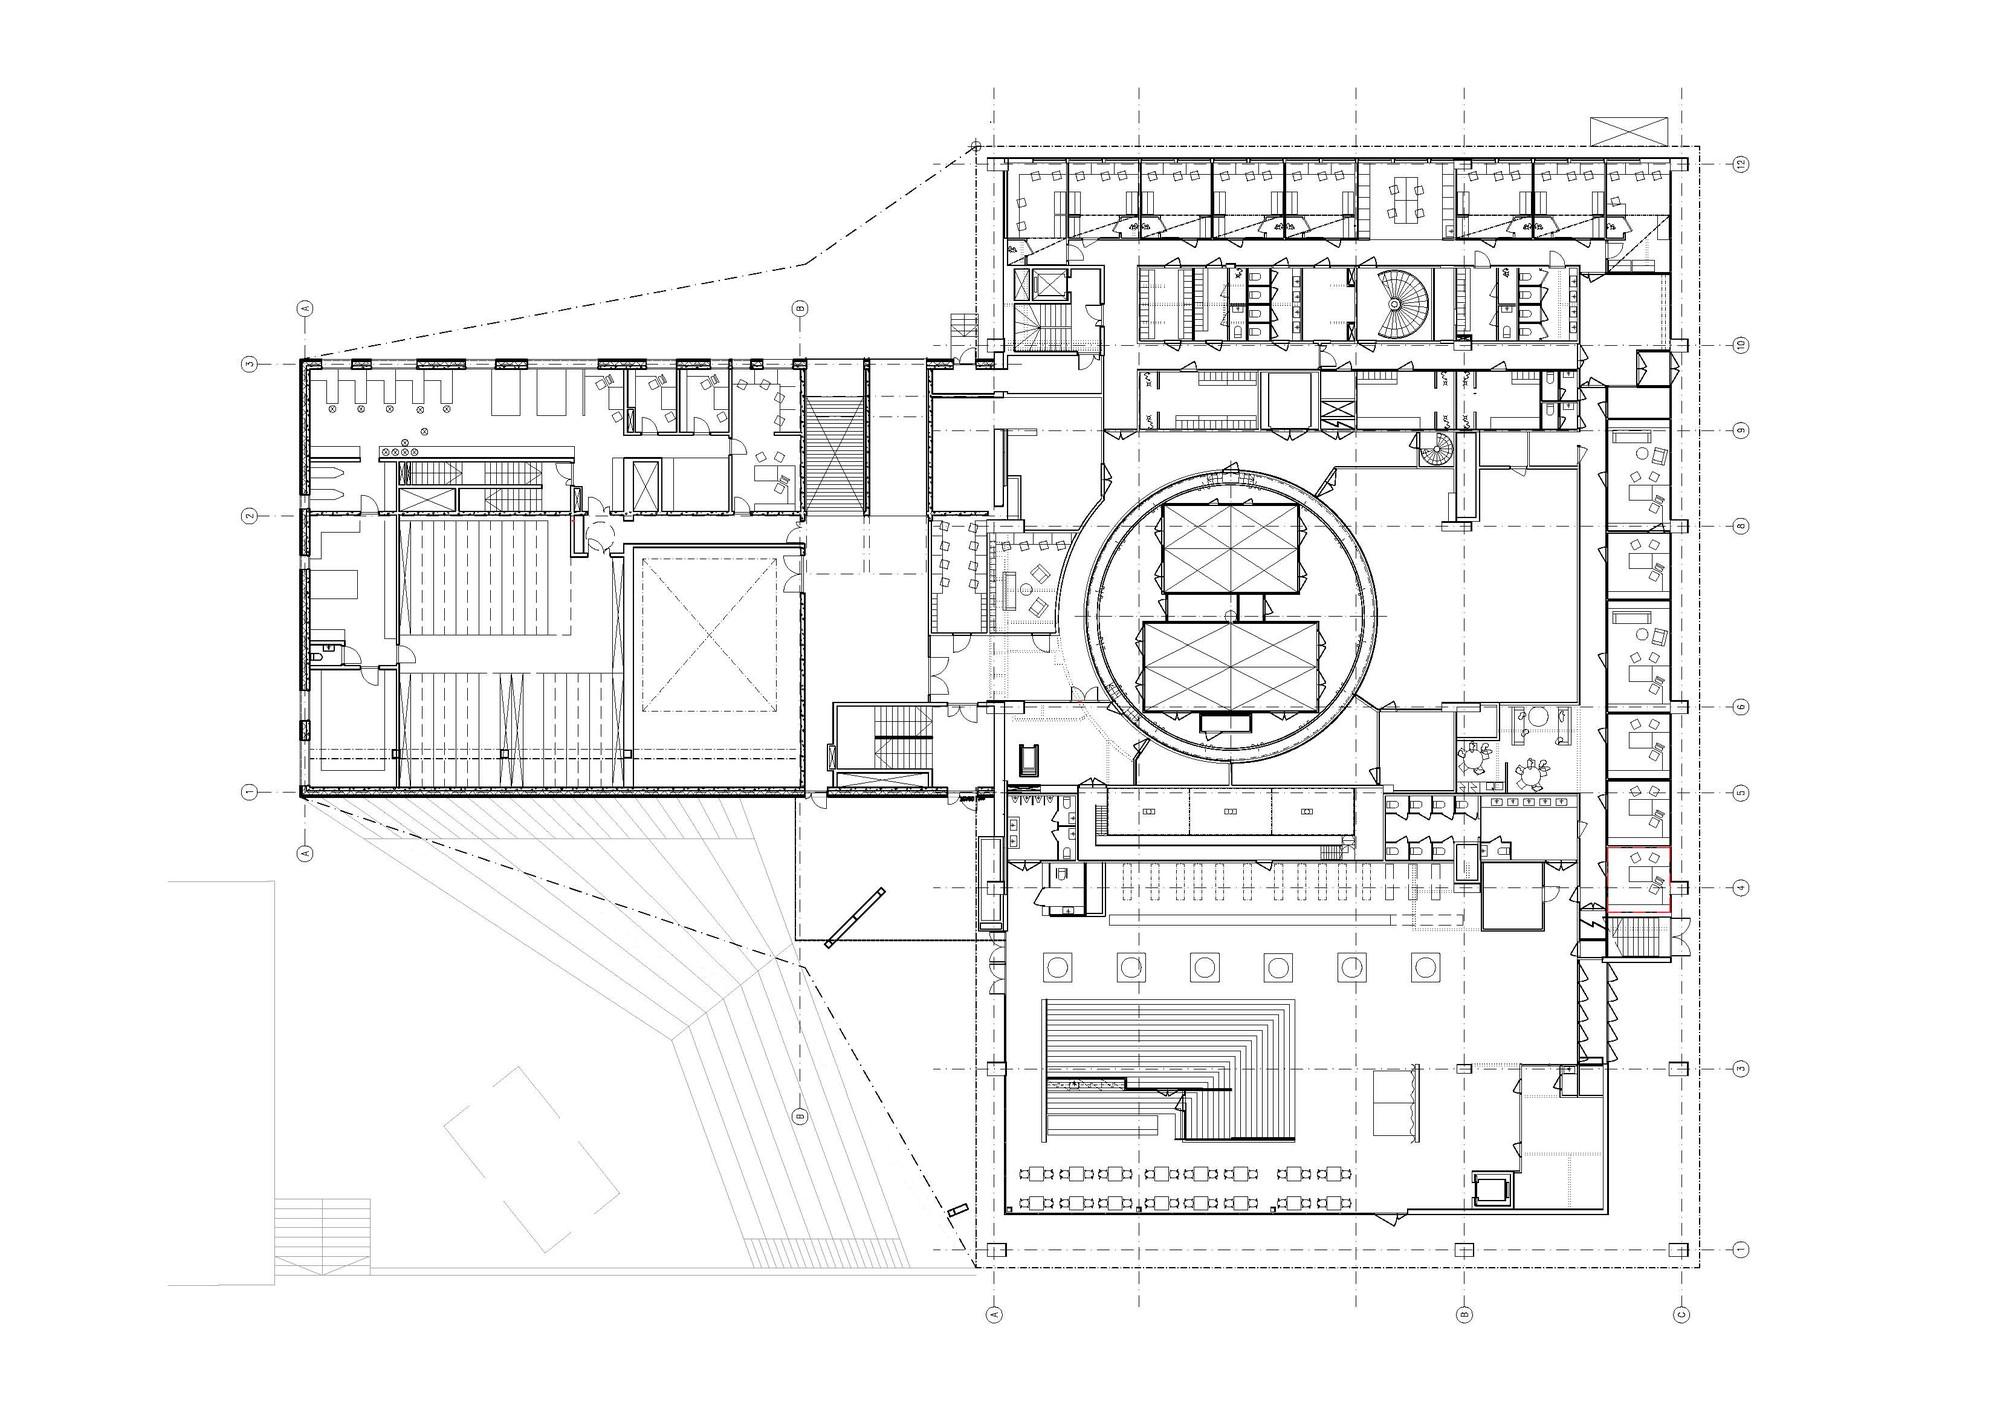 Teatro De Kuopio Ala Architects Archdaily Brasil